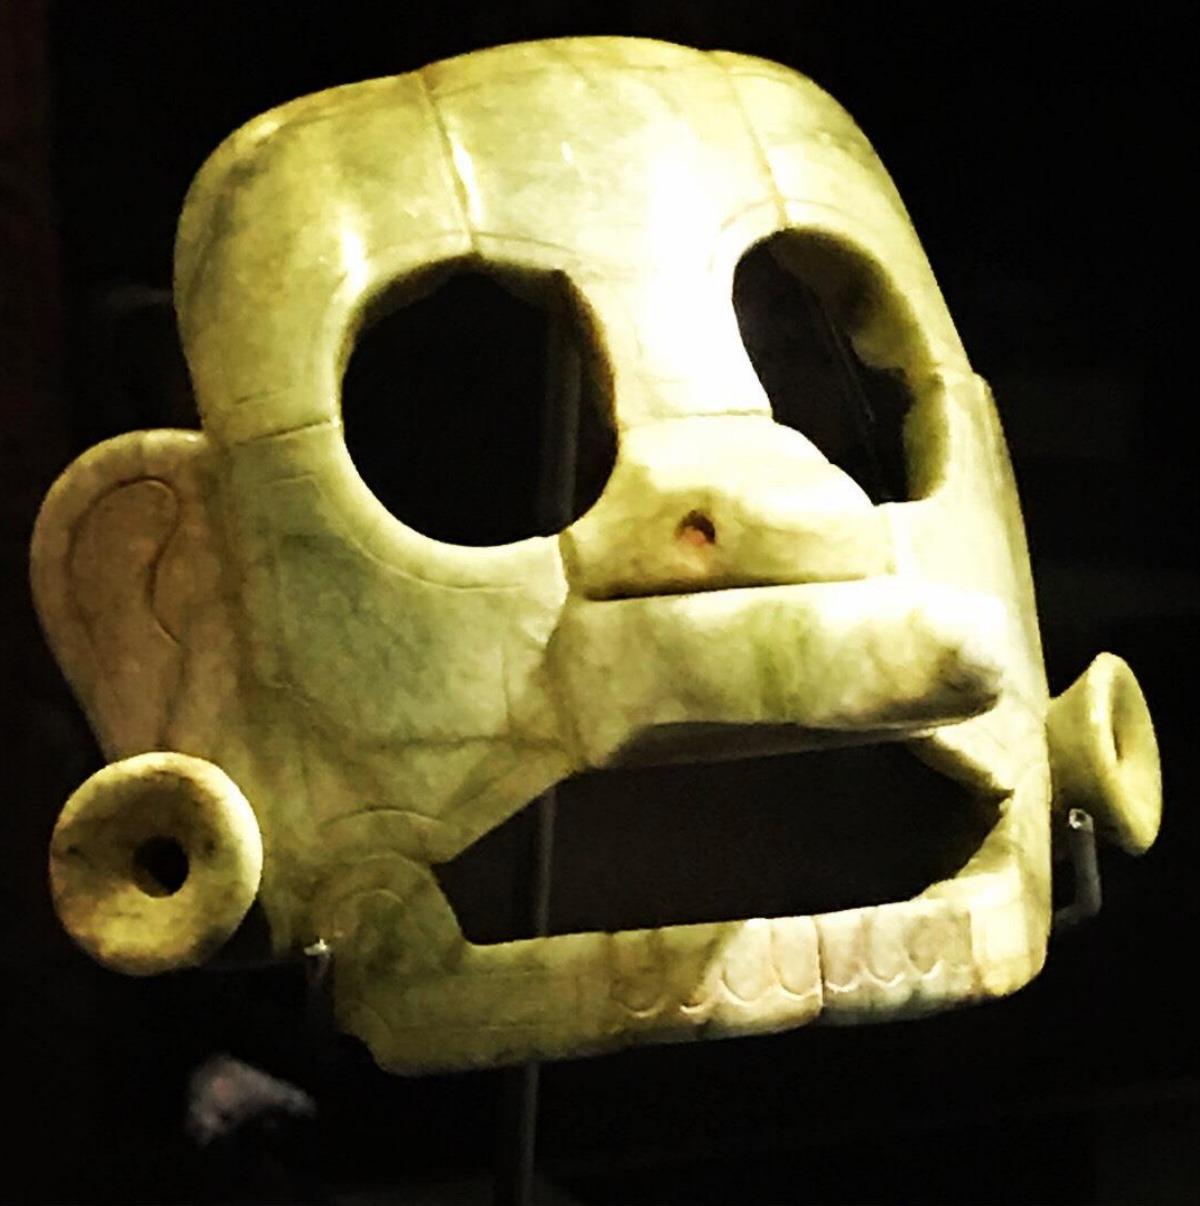 Guatemala recupera en Bélgica pieza maya de más de 1.000 años